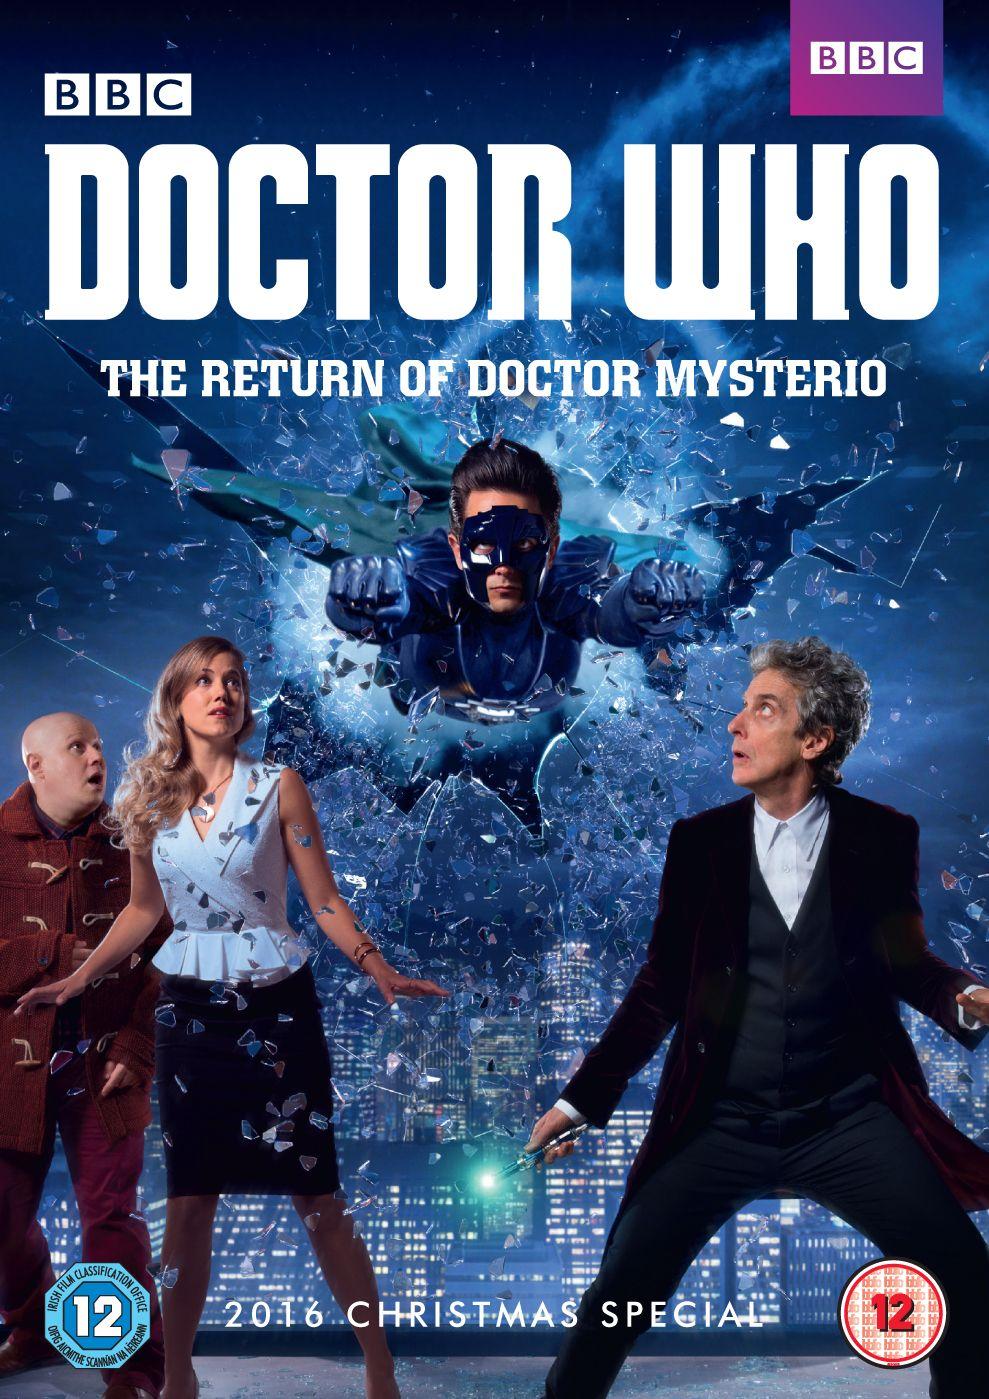 Return of doctor mysterio uk dvd